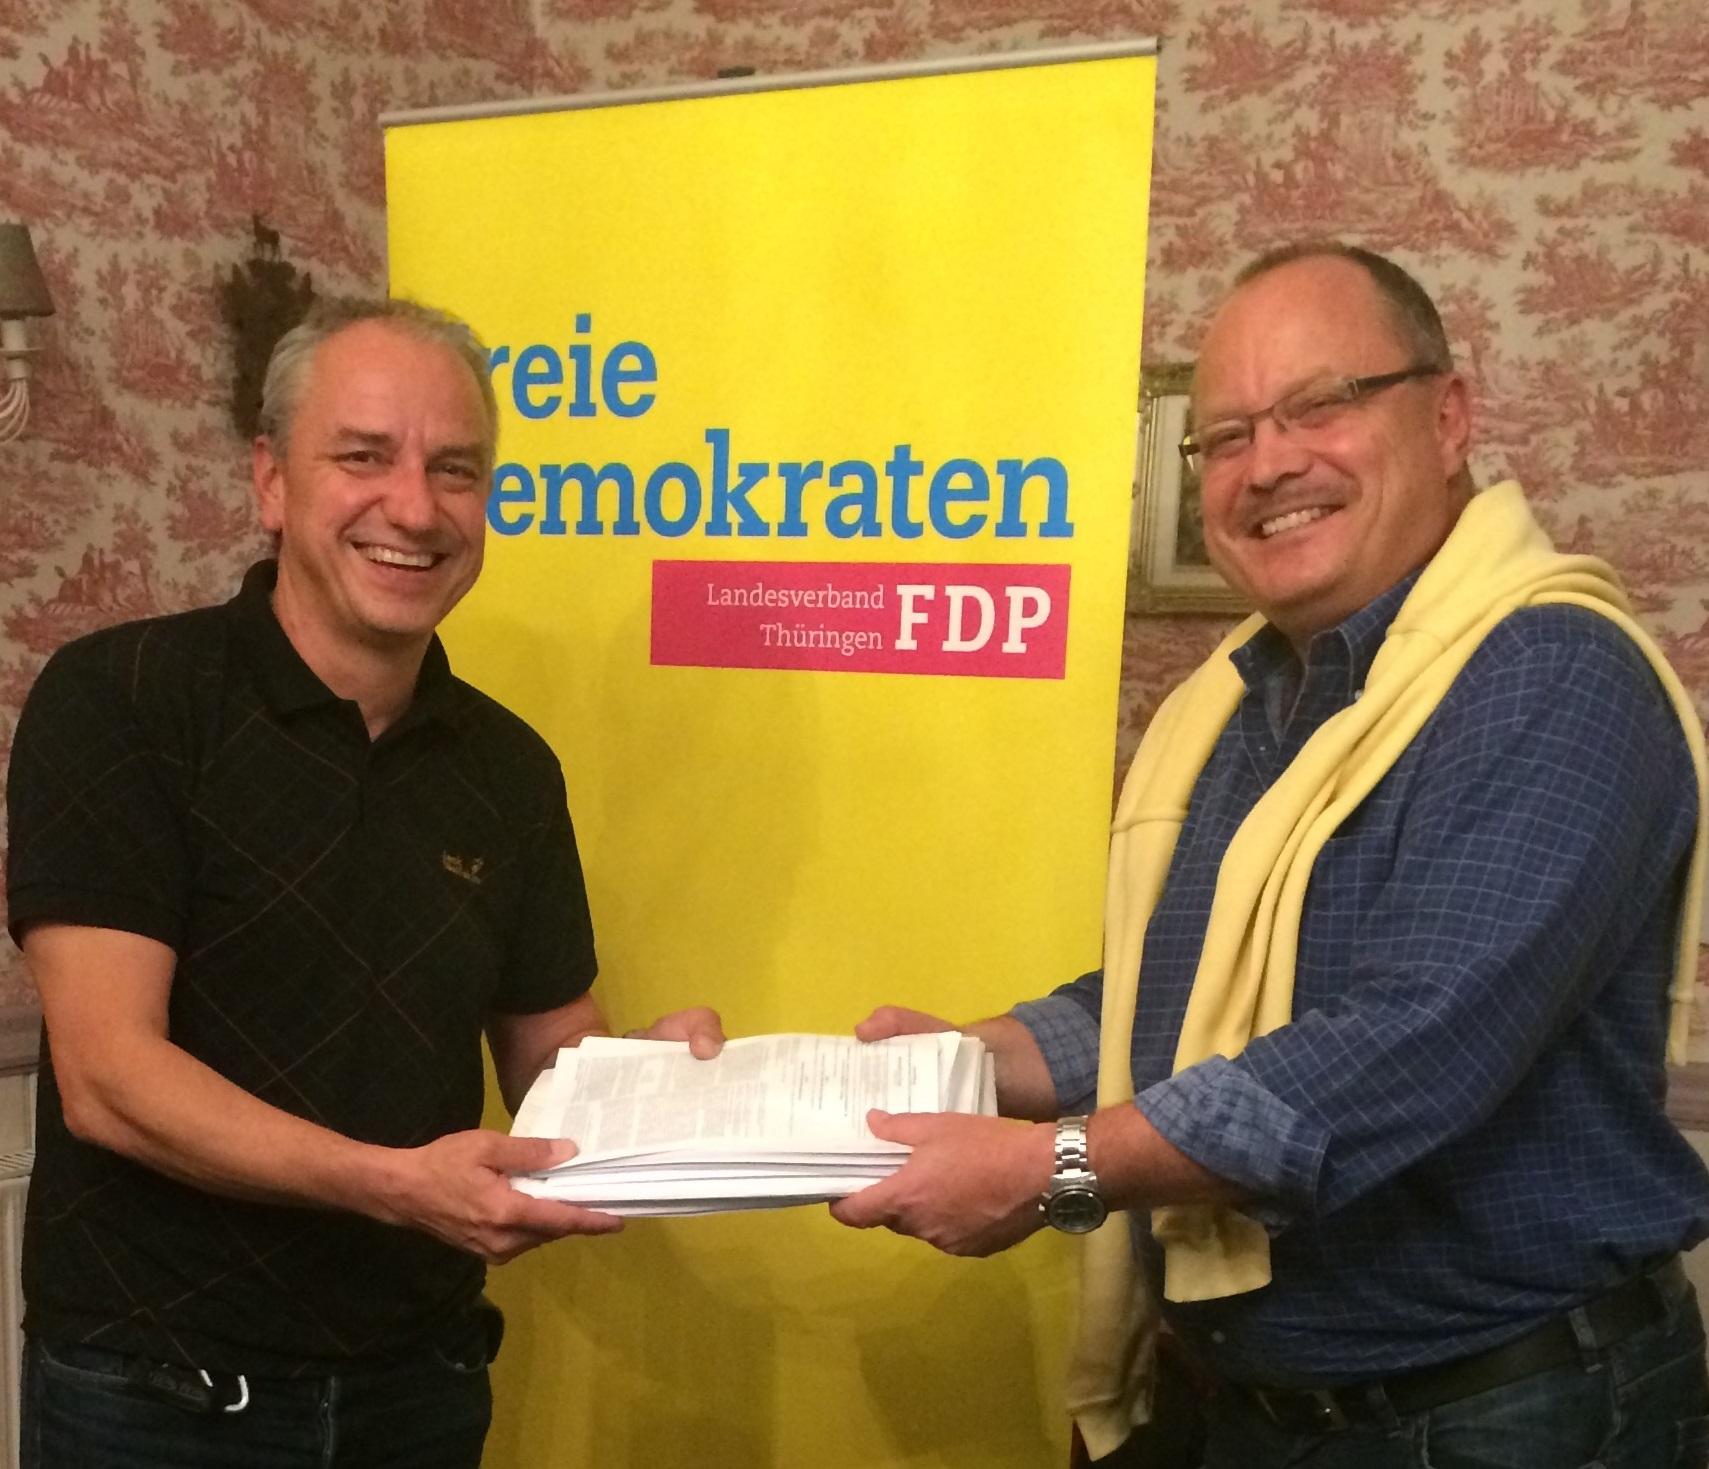 Jens Panse und Dirk Bergner in Erfurt